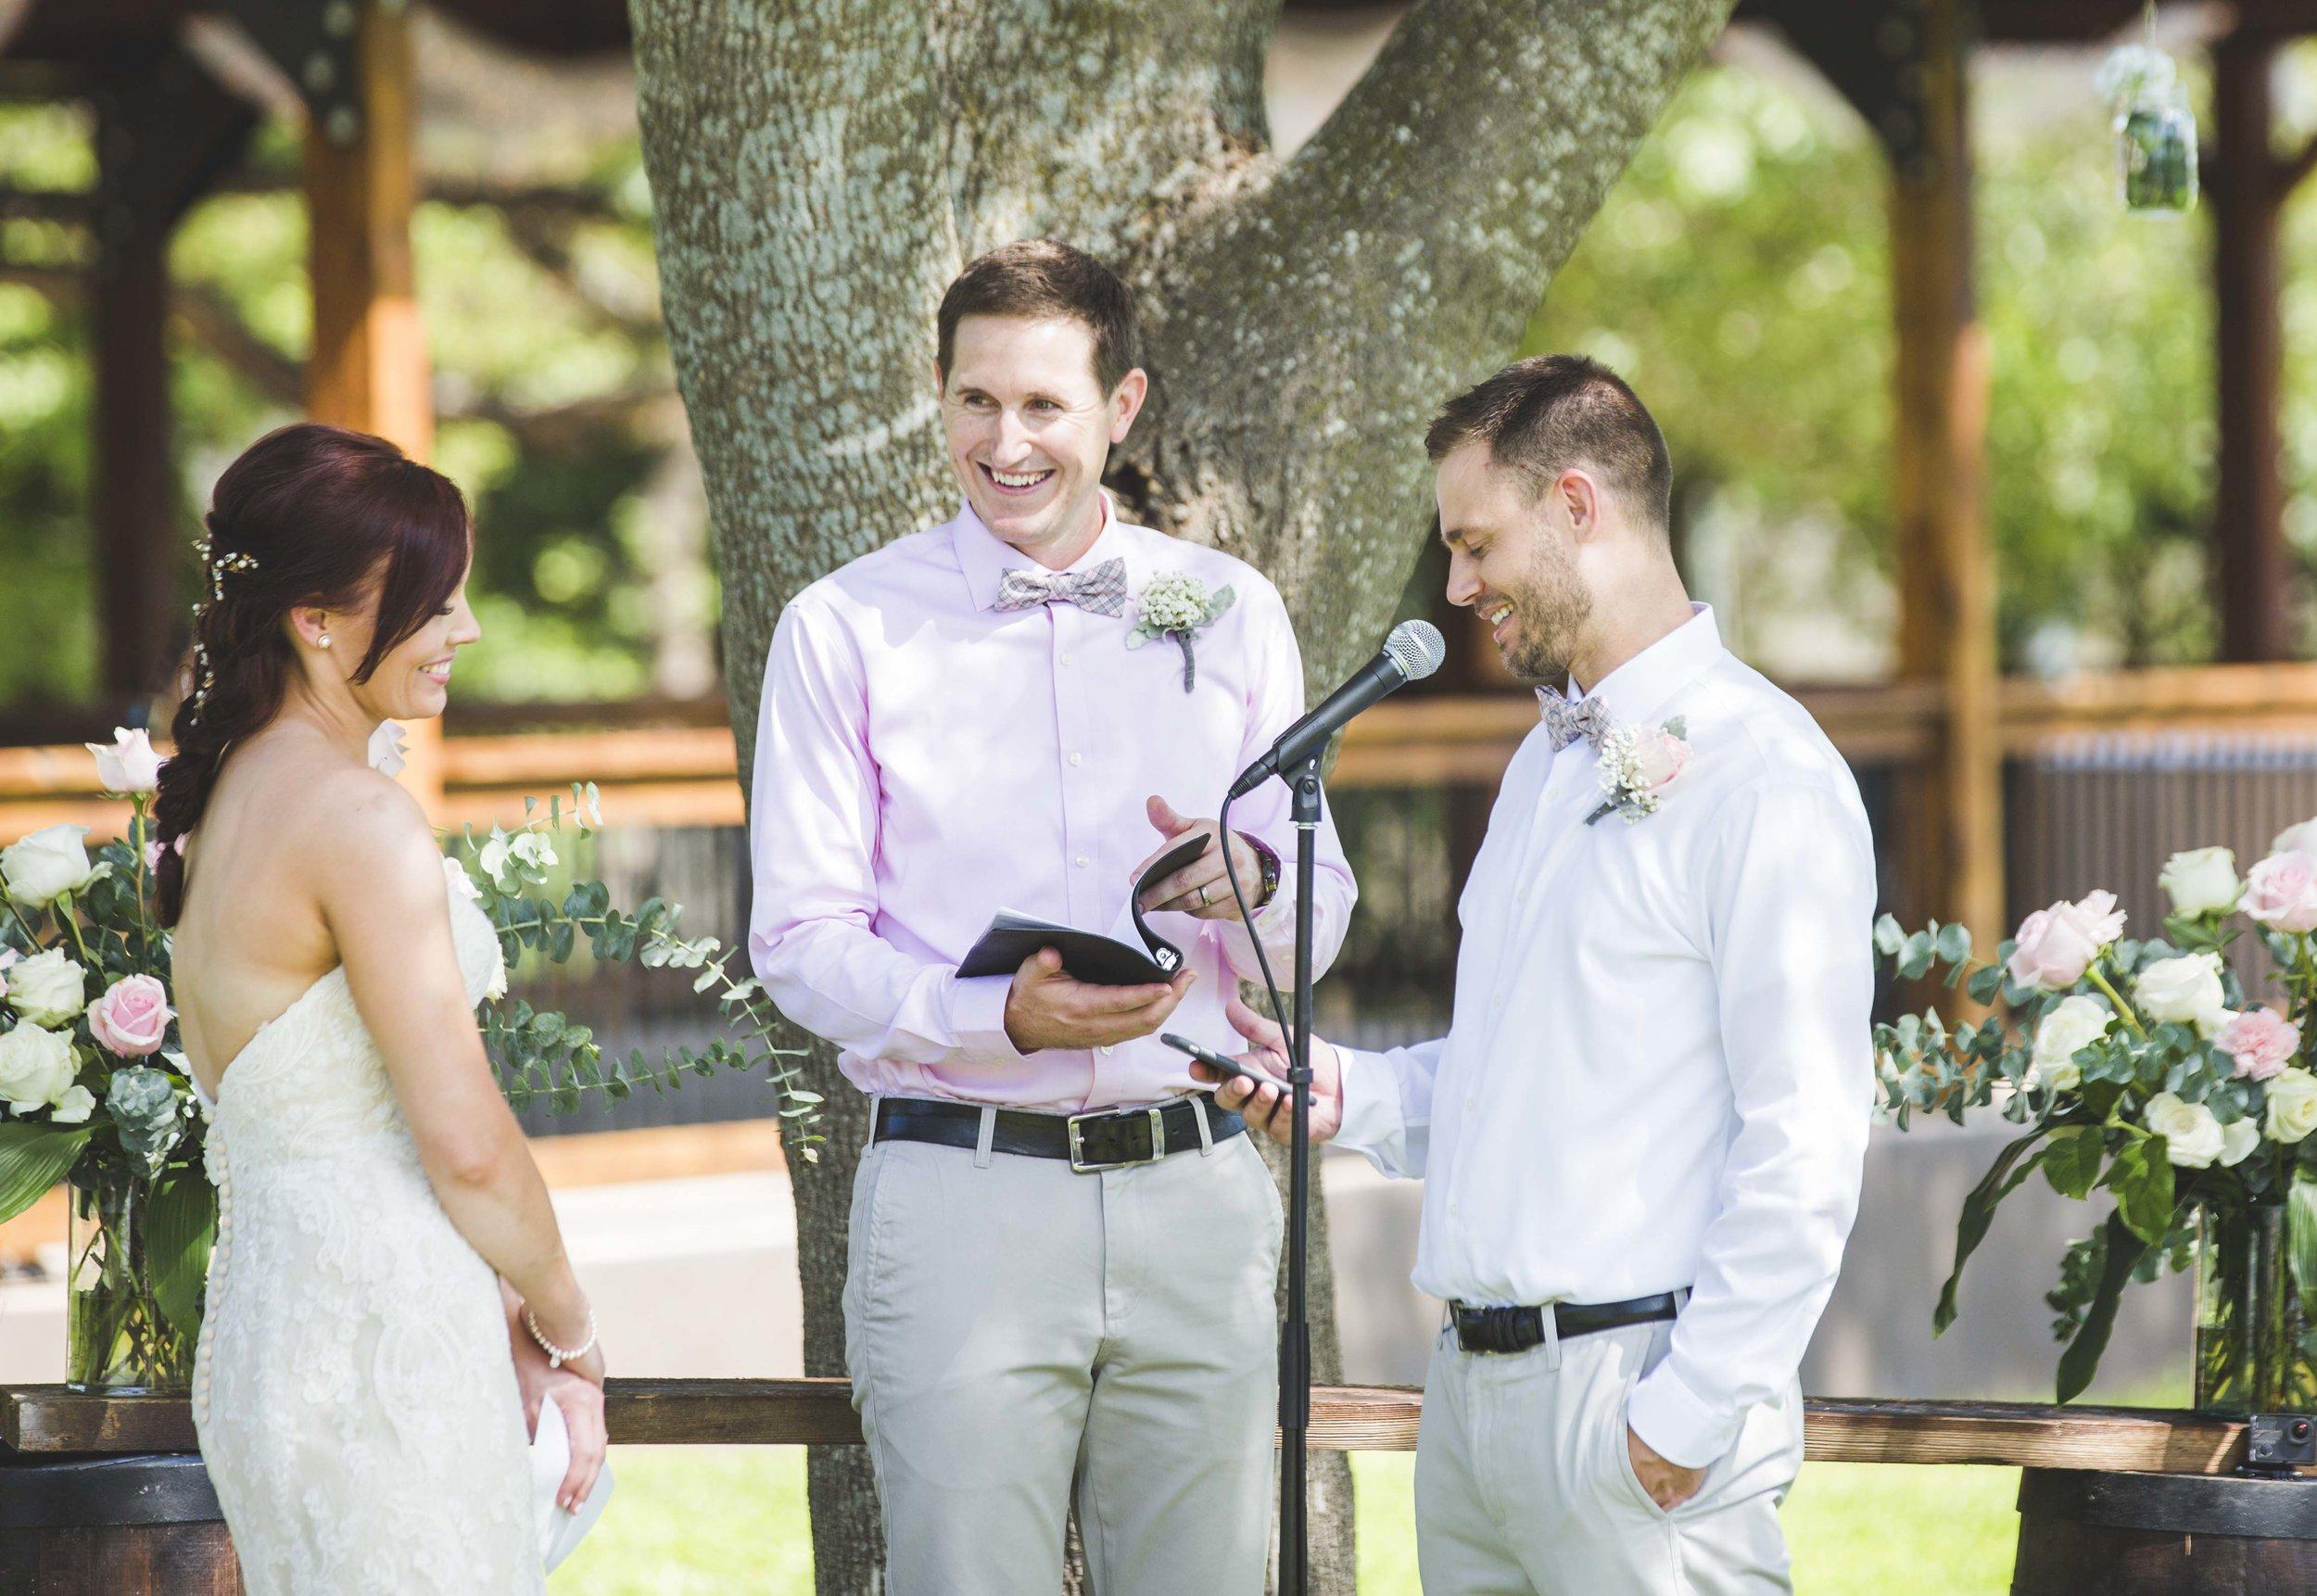 ATGI_Susanna & Matt Wedding_717A7741.jpg